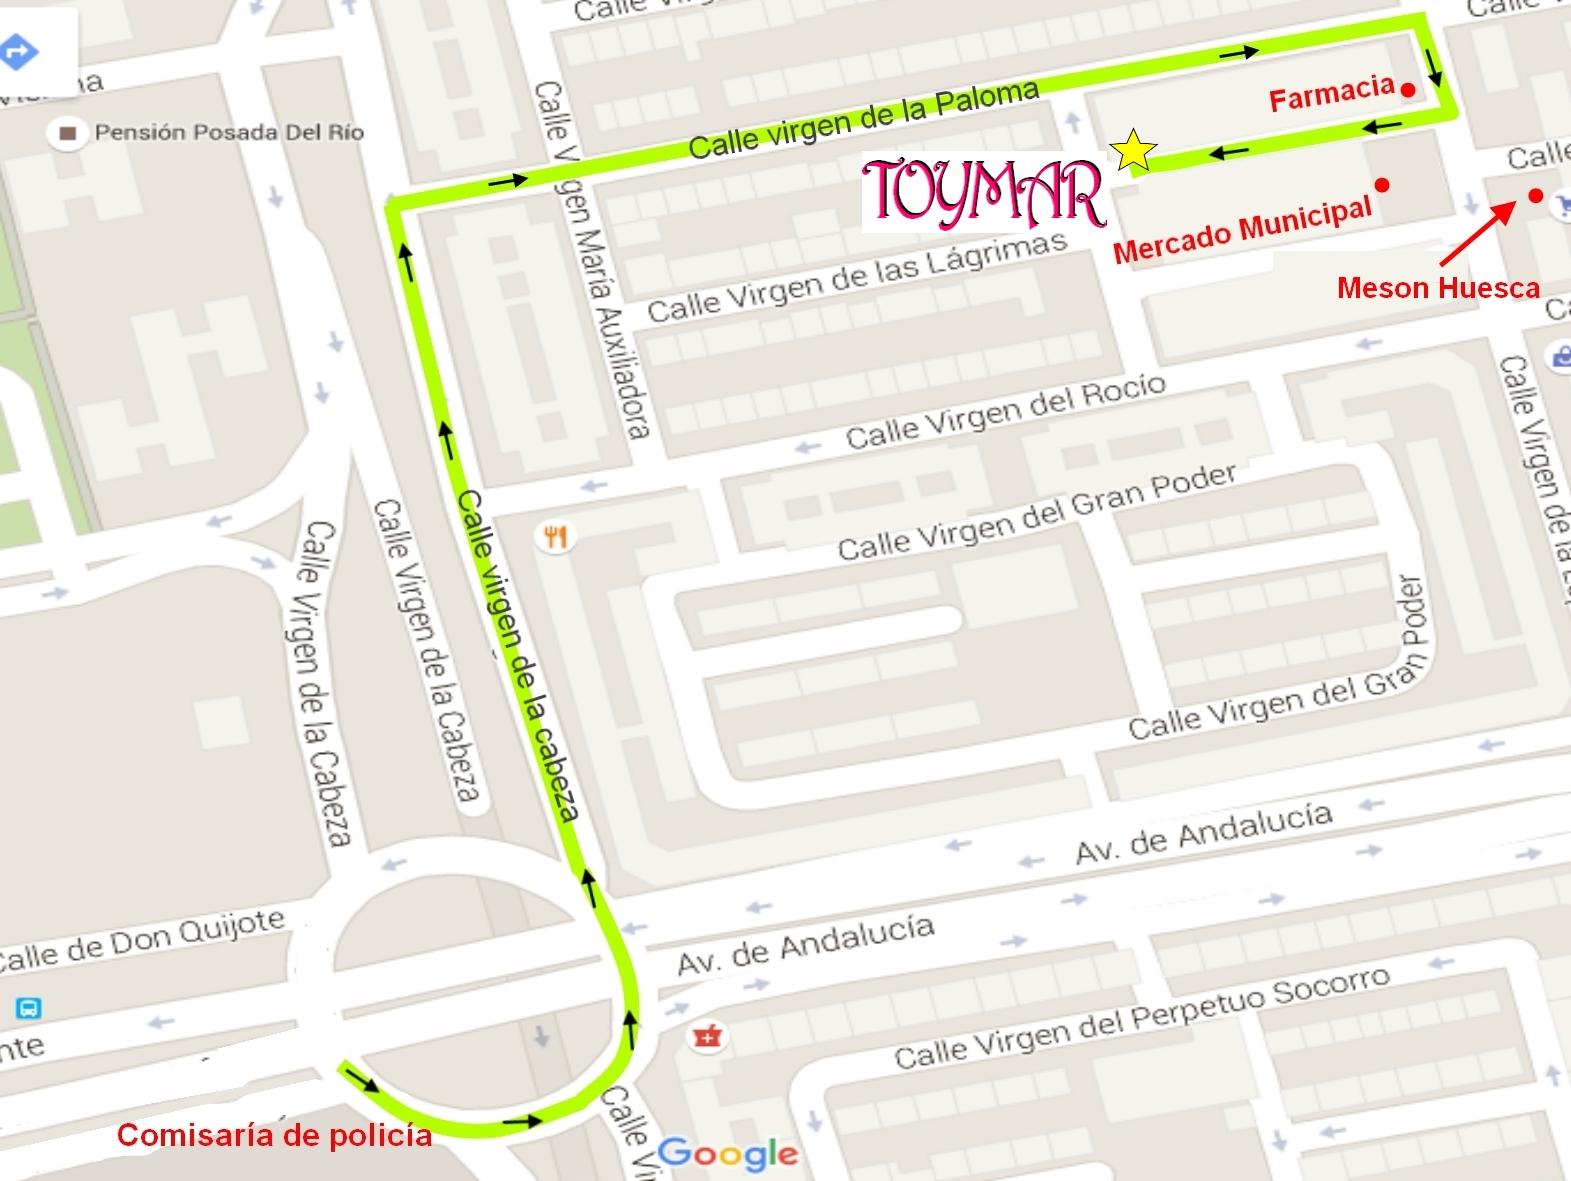 ¿Como llegar? Google Maps